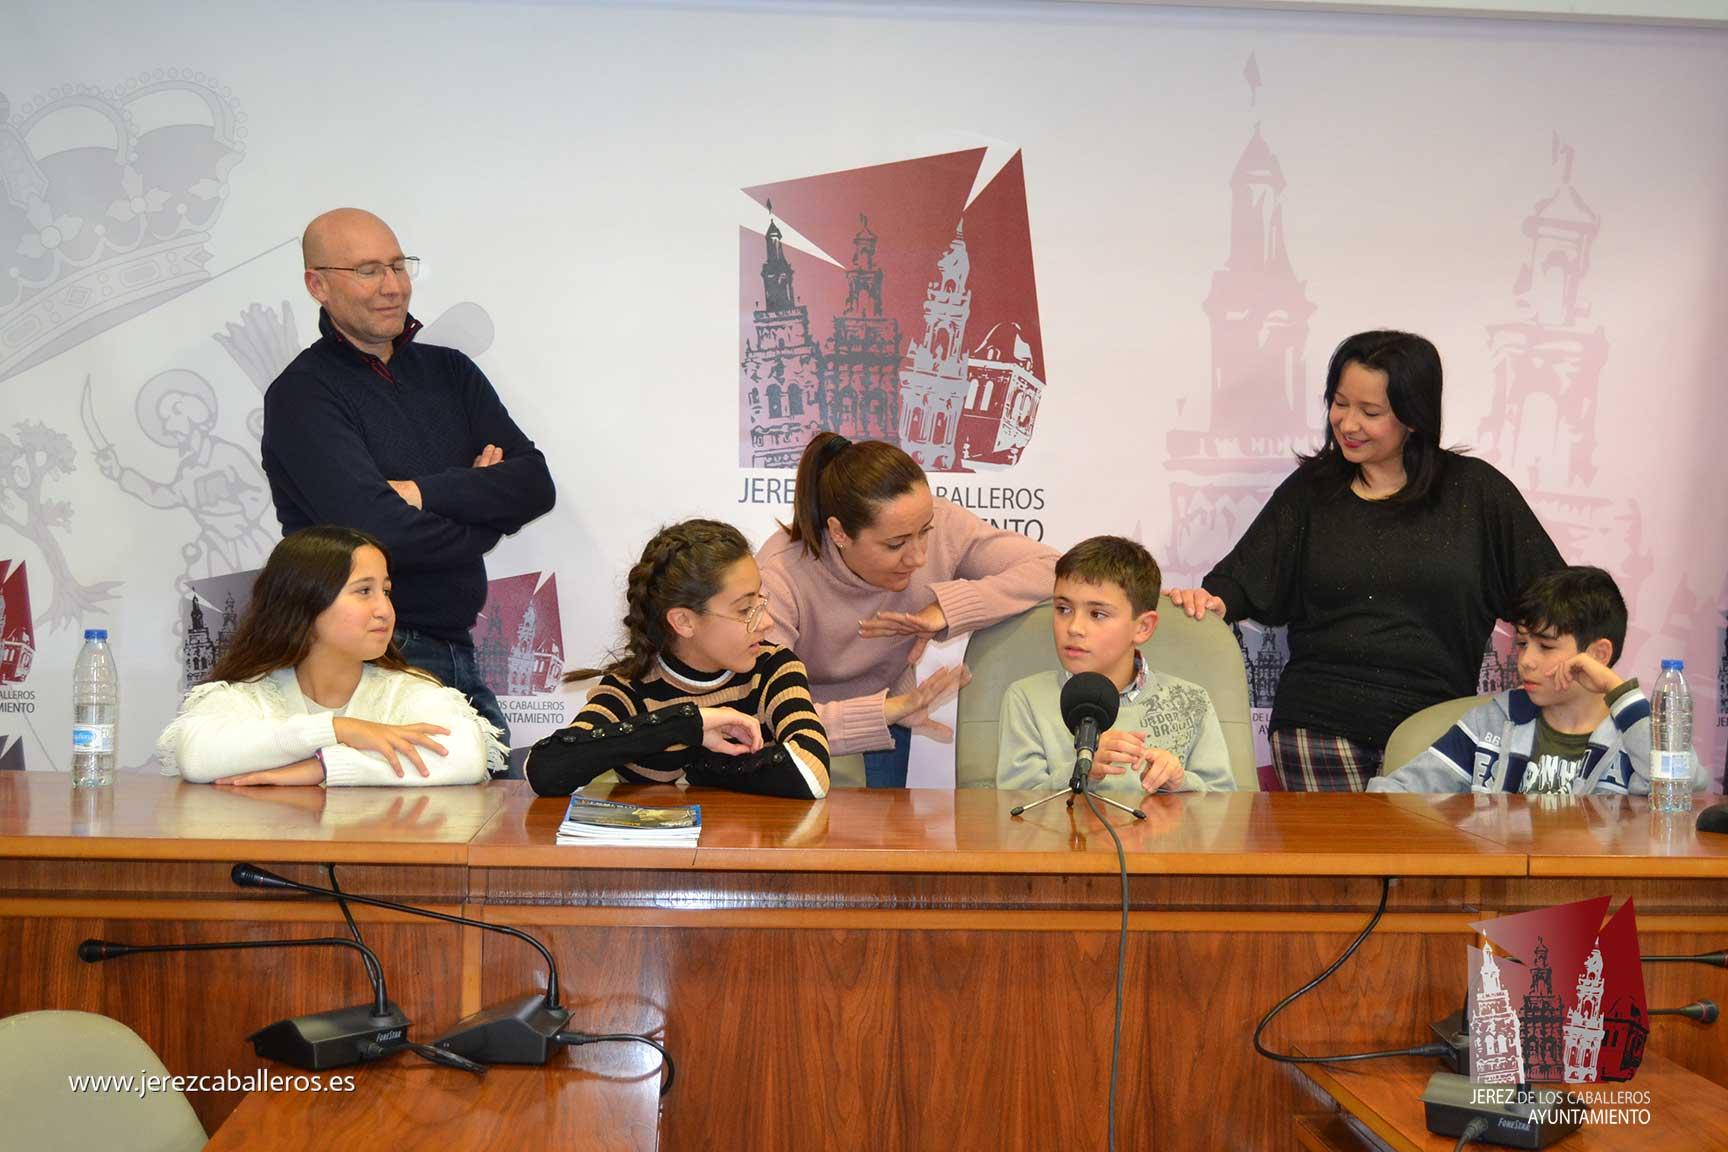 El Ayuntamiento felicita al jerezano Sergio José Sánchez Pérez por su Premio Mejor Lector Internacional